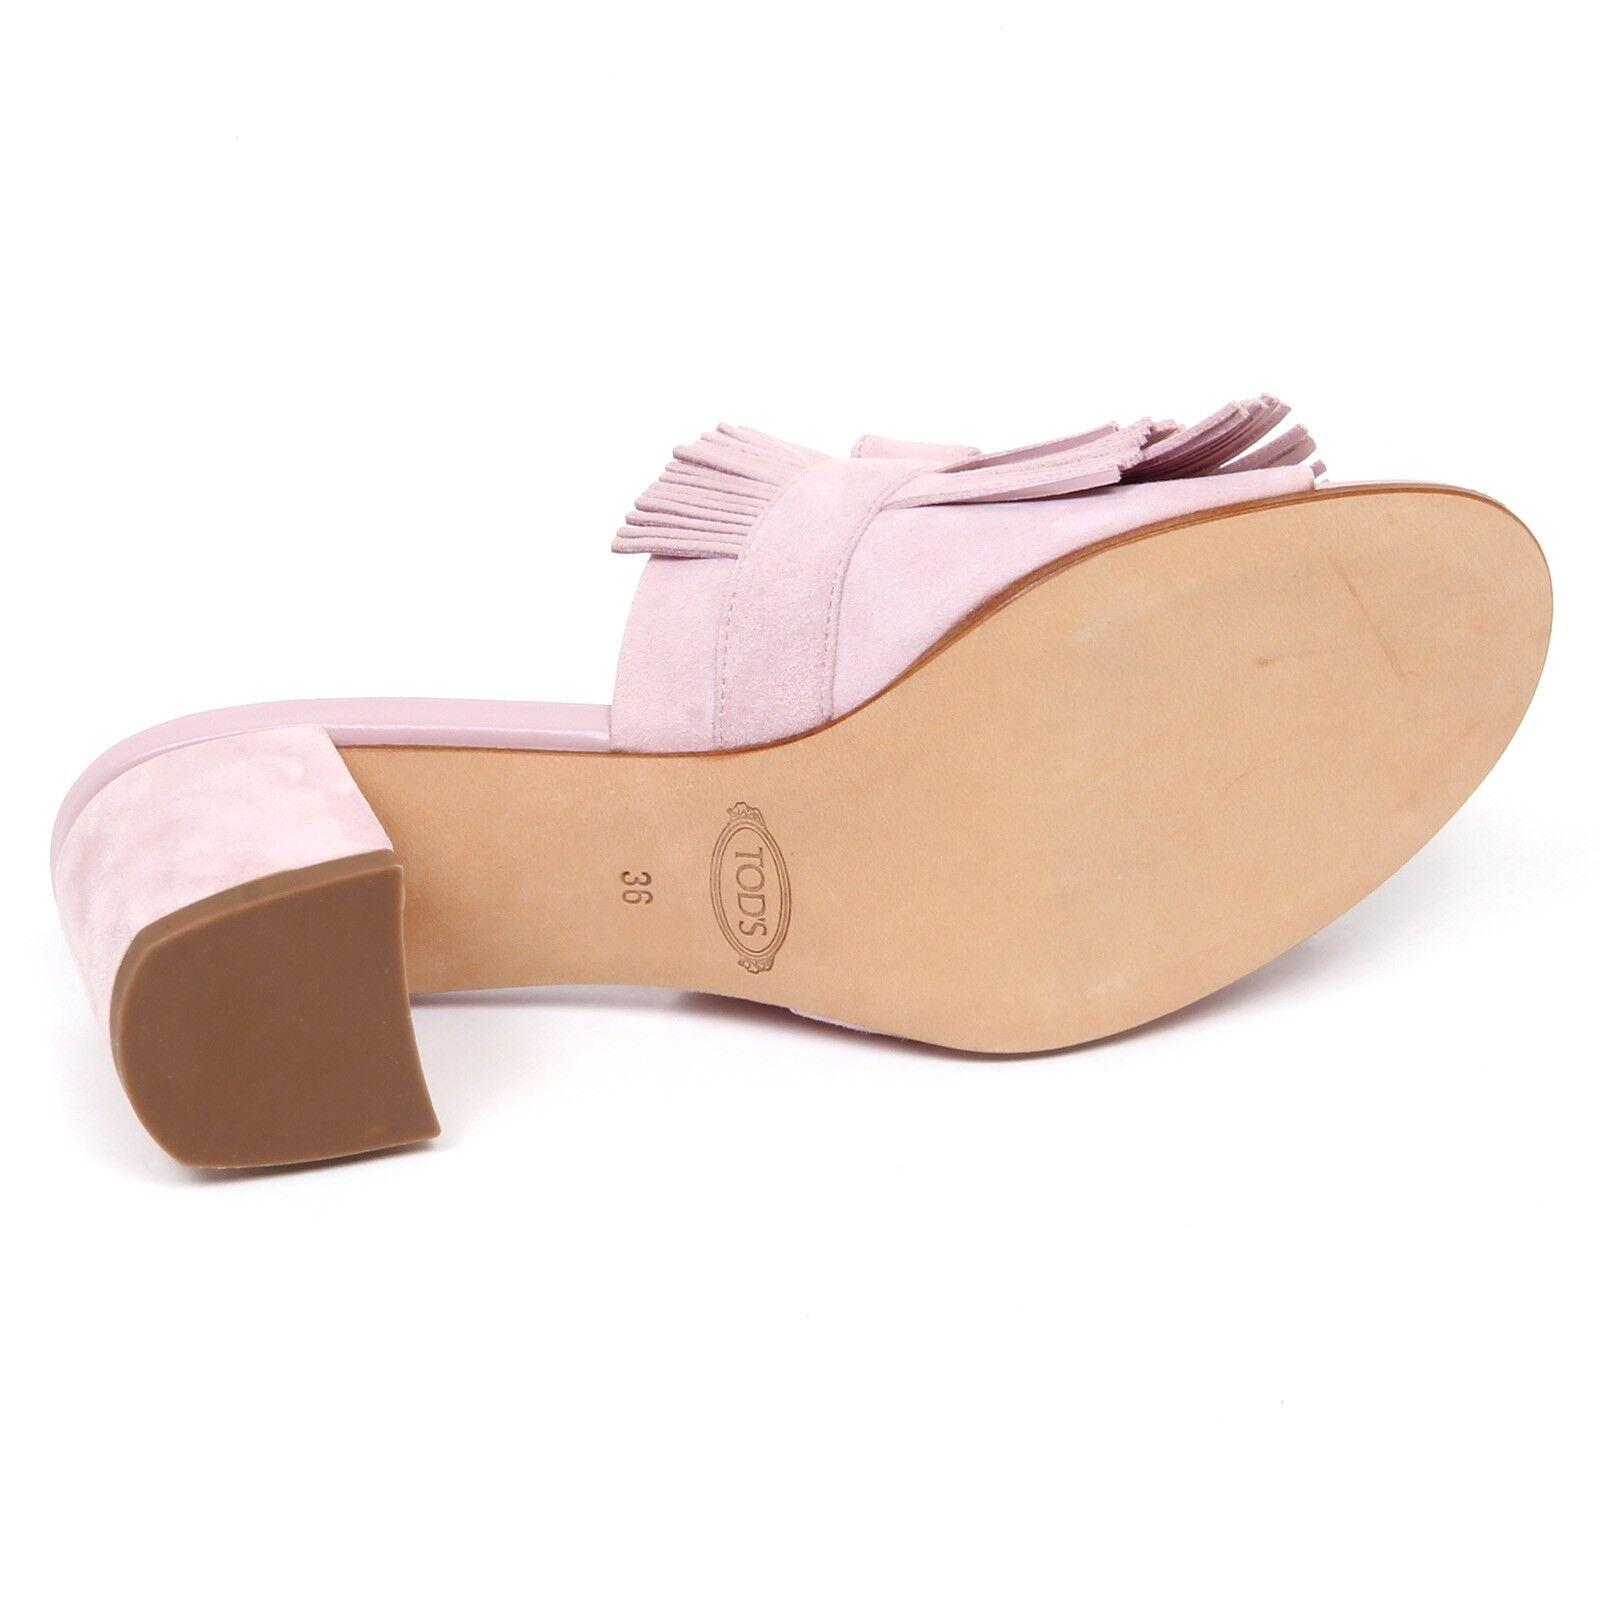 F0442 sandalo mujer light rosadododododo muerte's zapatos zapatos zapatos Suede zapatos Sandal Woman 1702cd